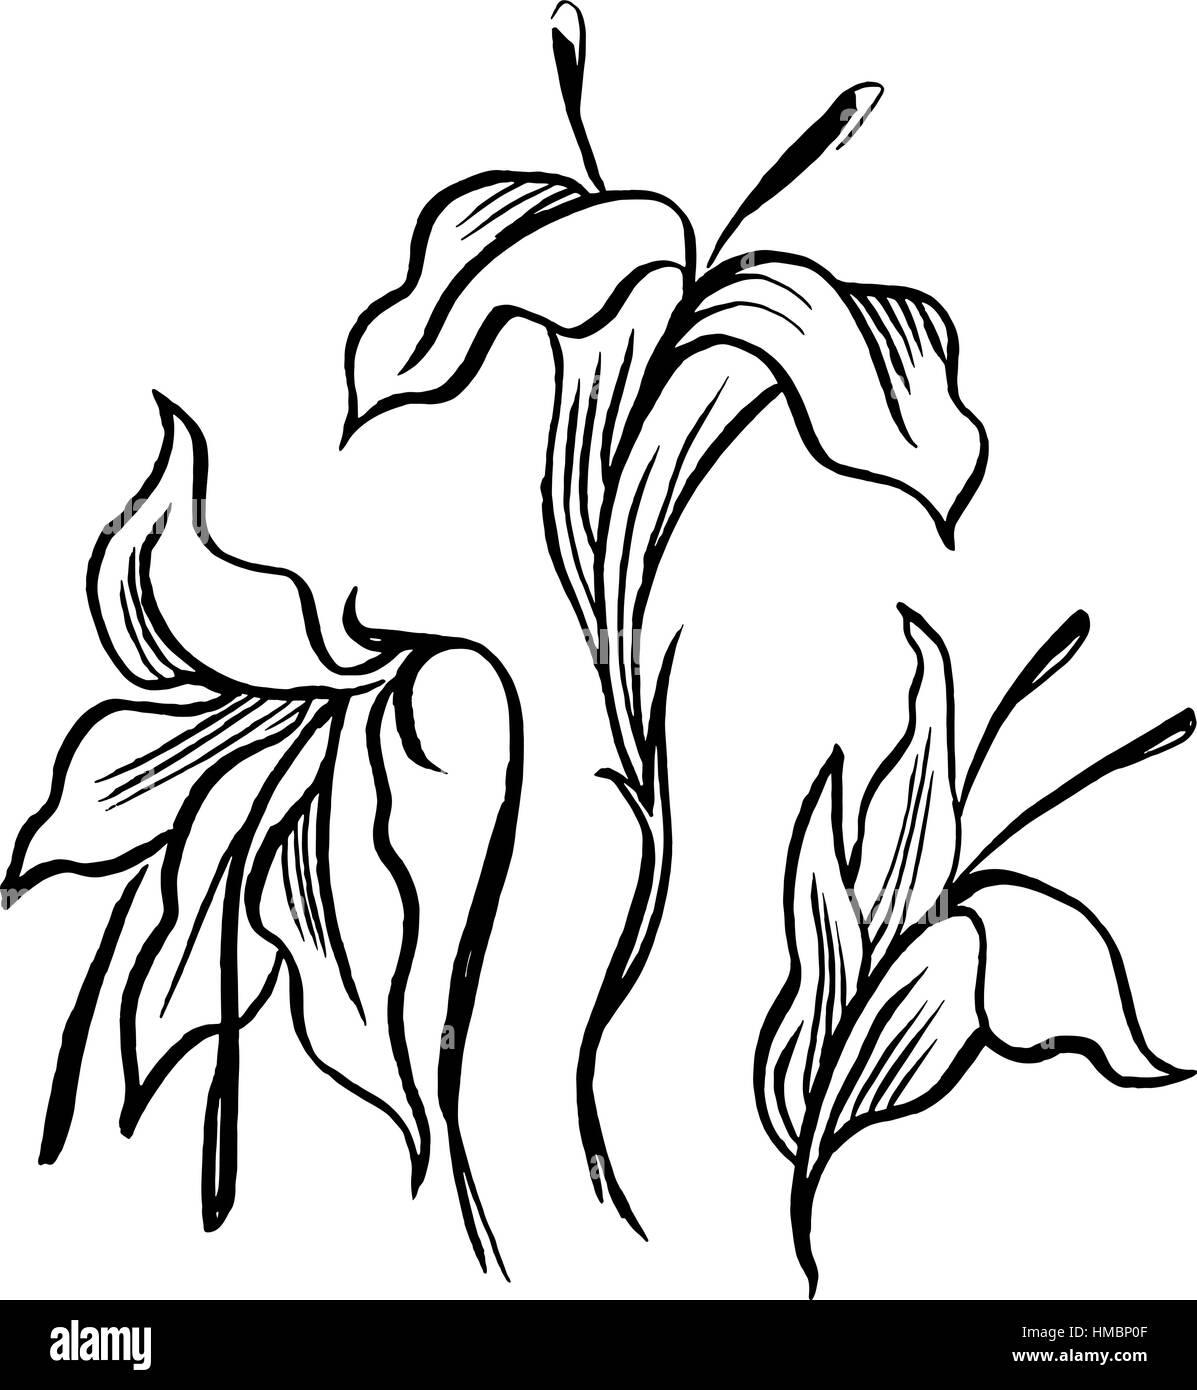 Dessin Vectoriel Contour Noir Fleurs De Lys Vecteurs Et